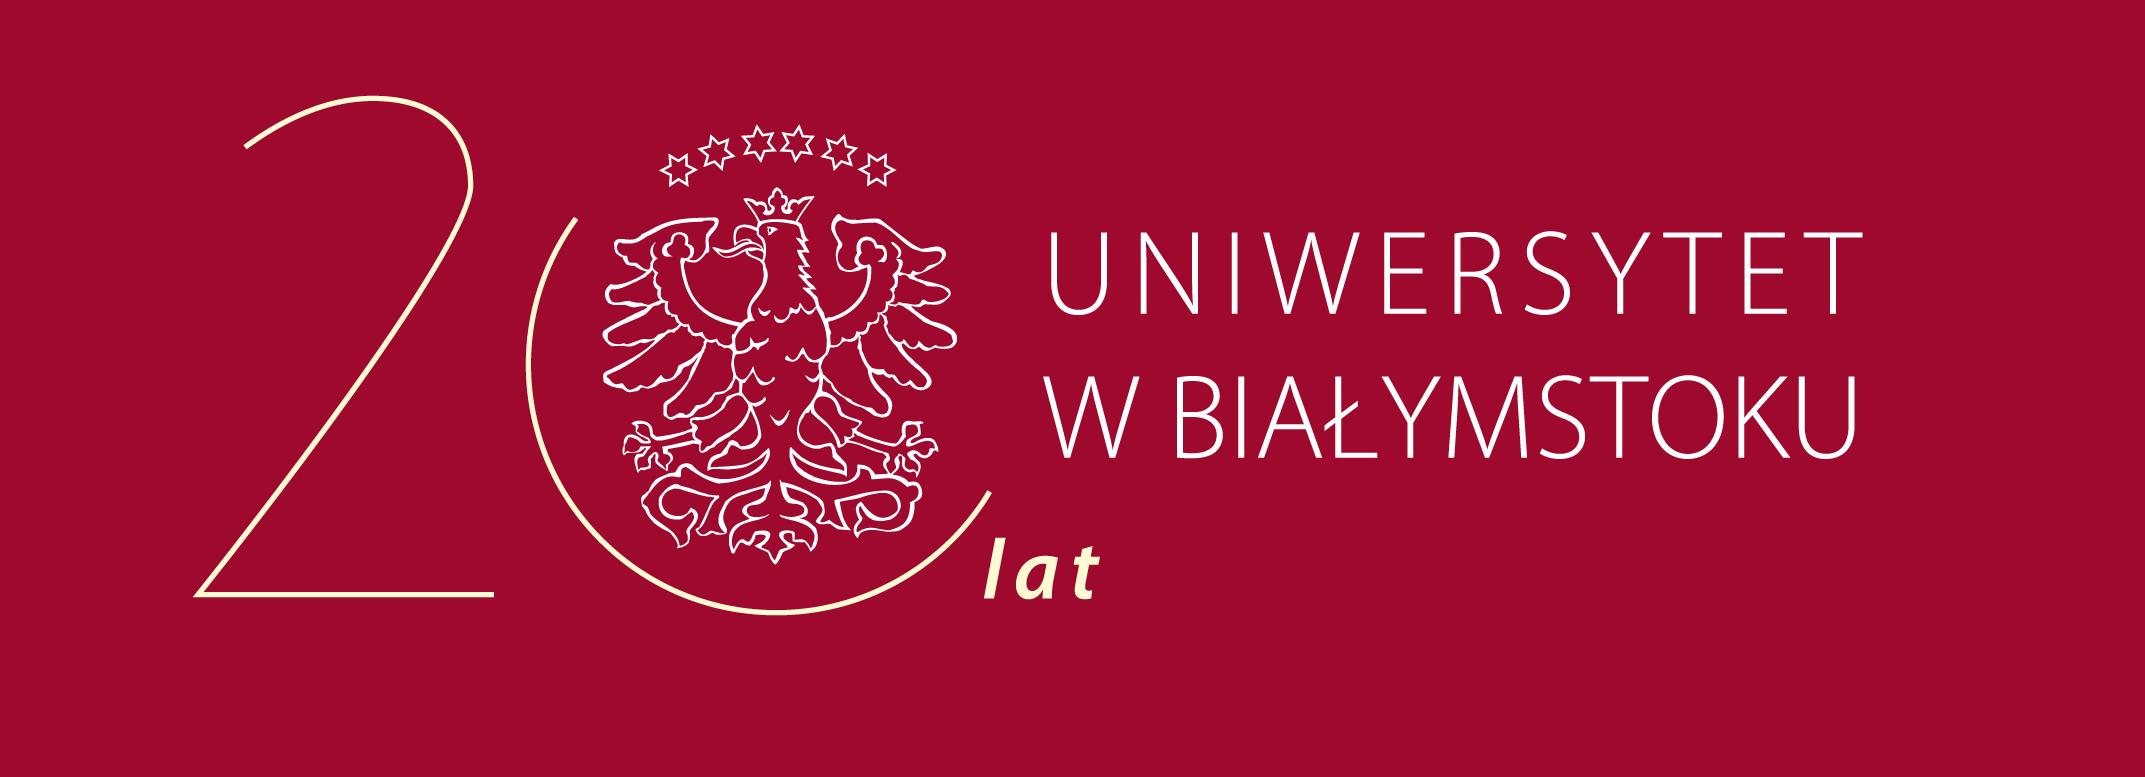 Świętujemy 20 lat Uniwersytetu w Białymstoku